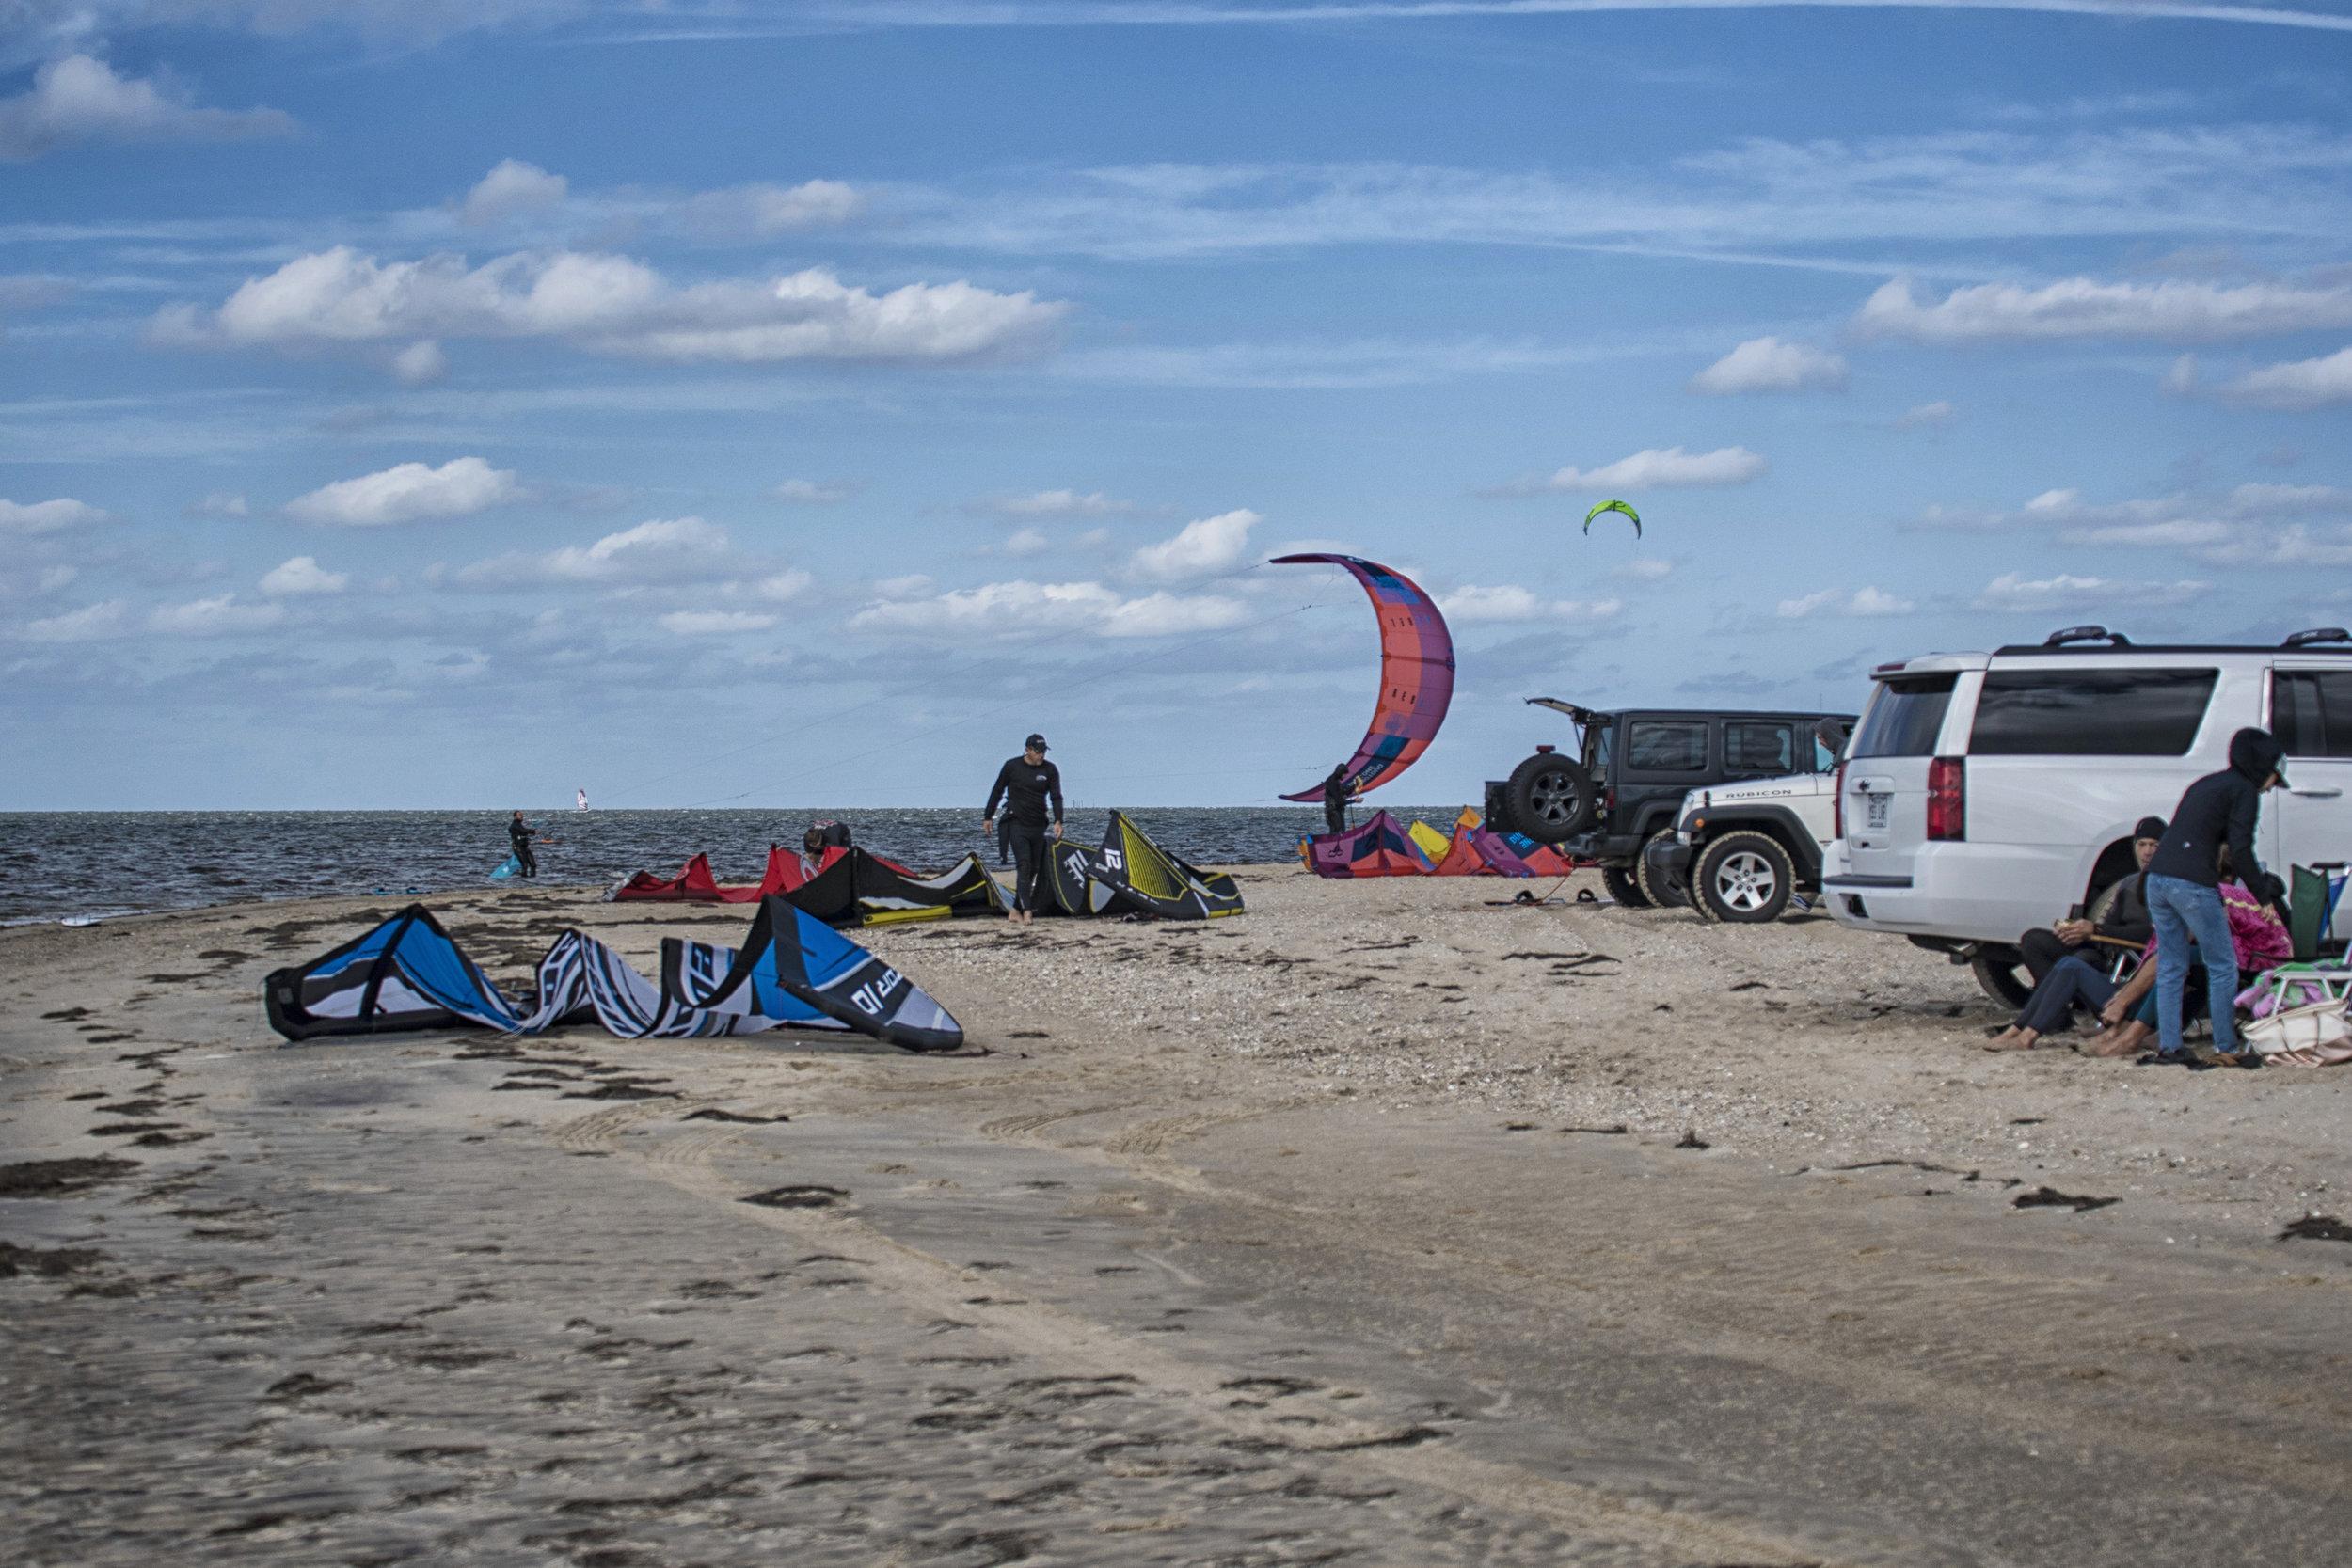 kiteboarders, OBX